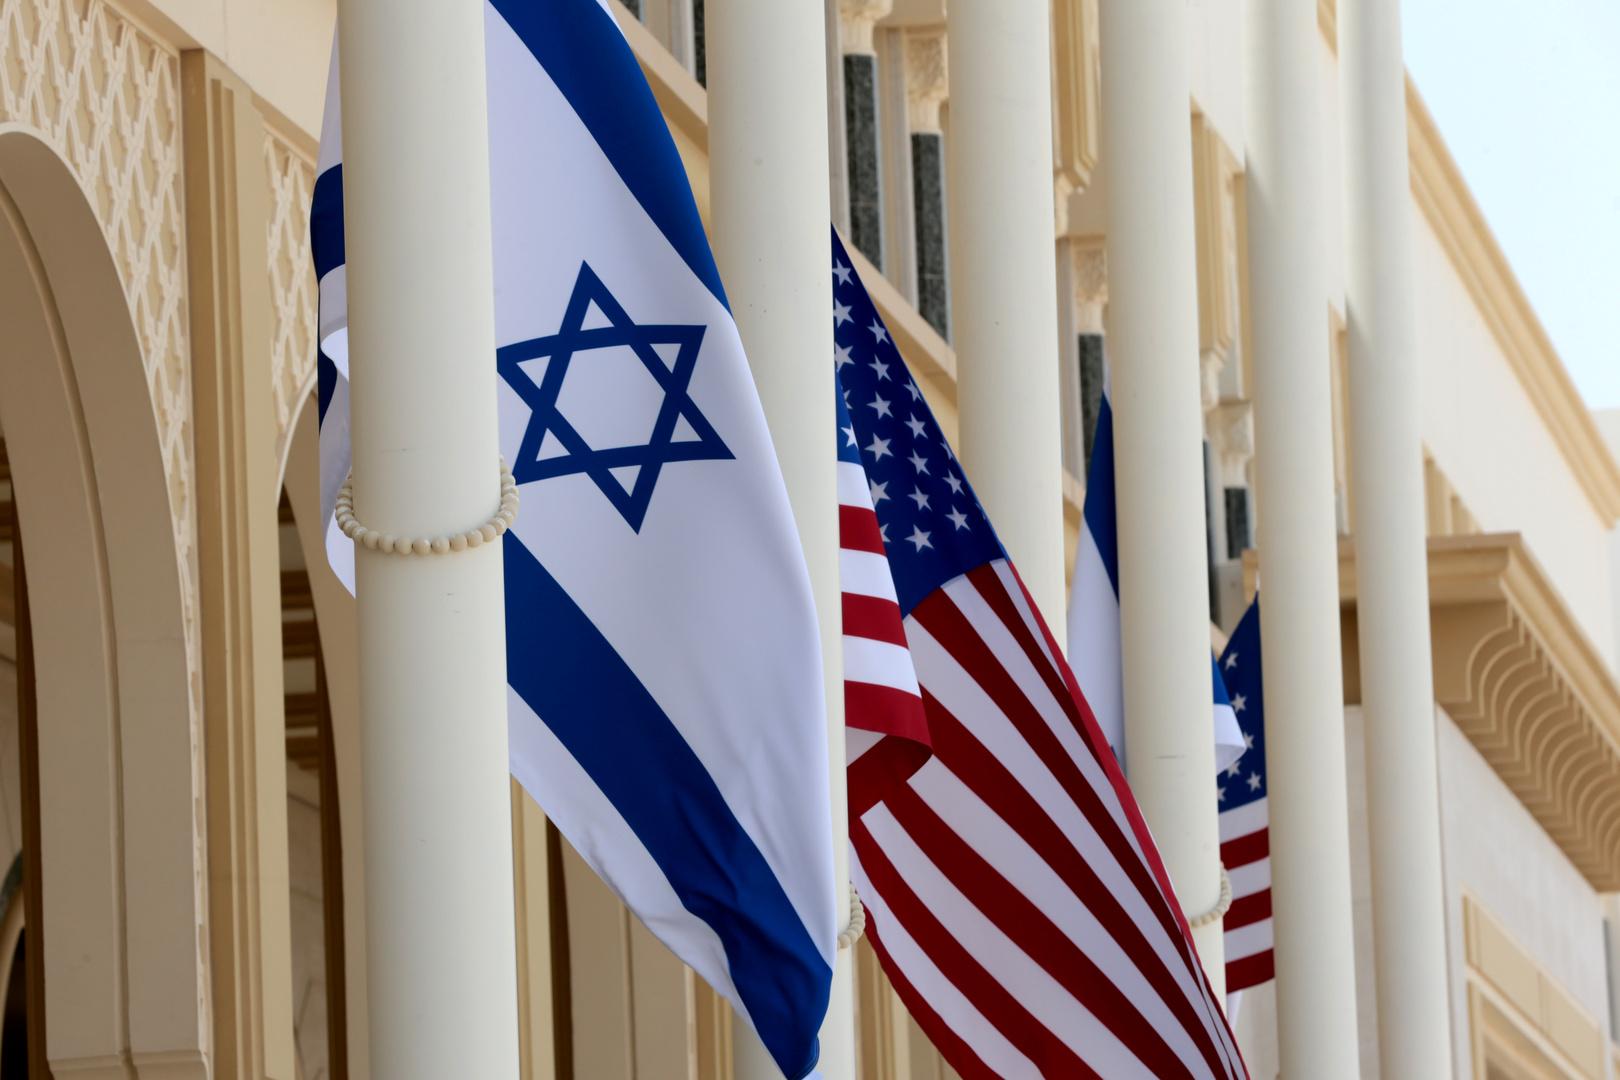 العلم الإسرائيلي والعلم الأمريكي